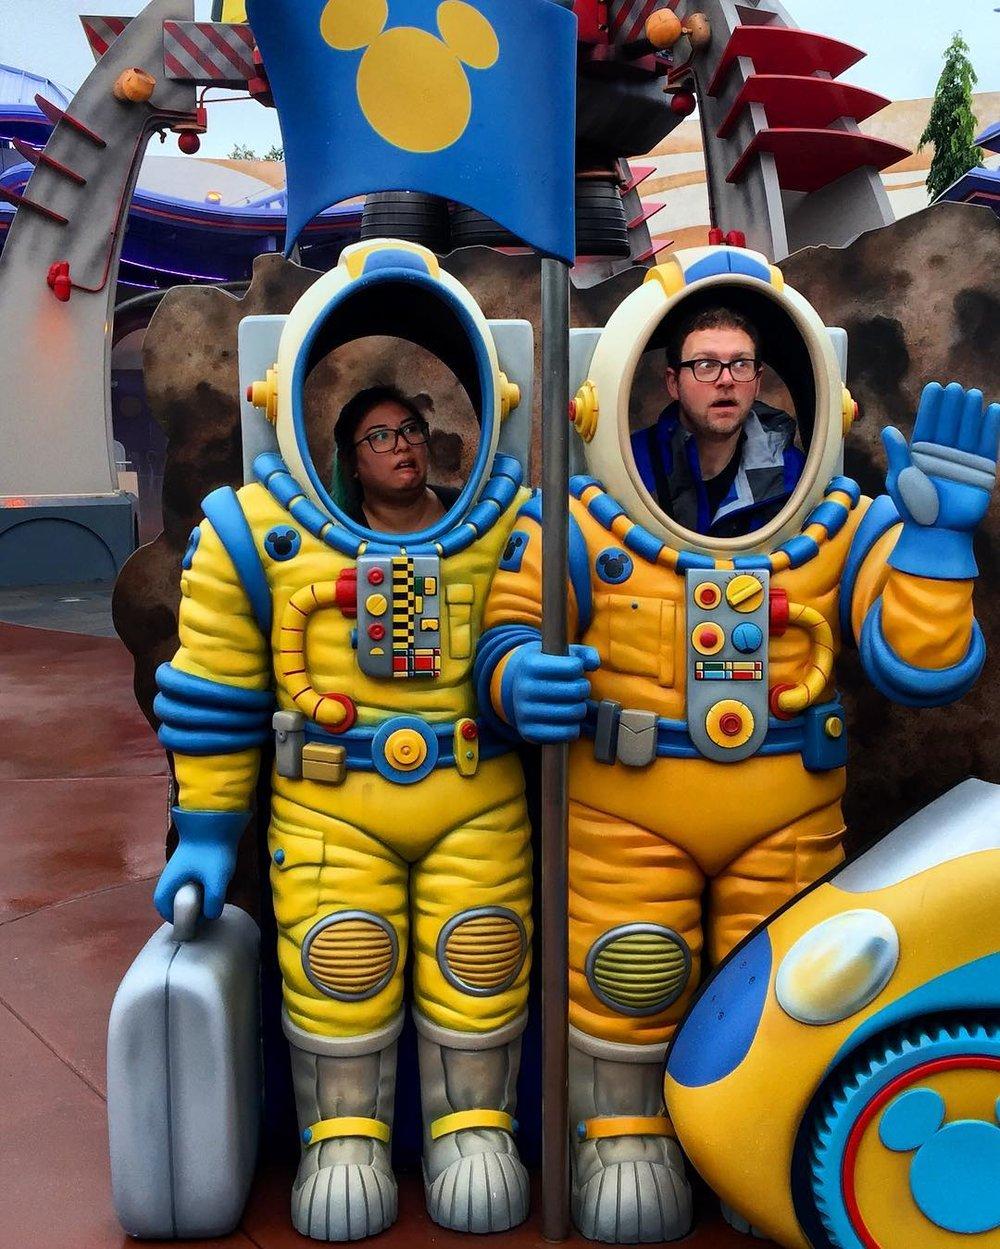 disney_hk_spacesuits.jpg